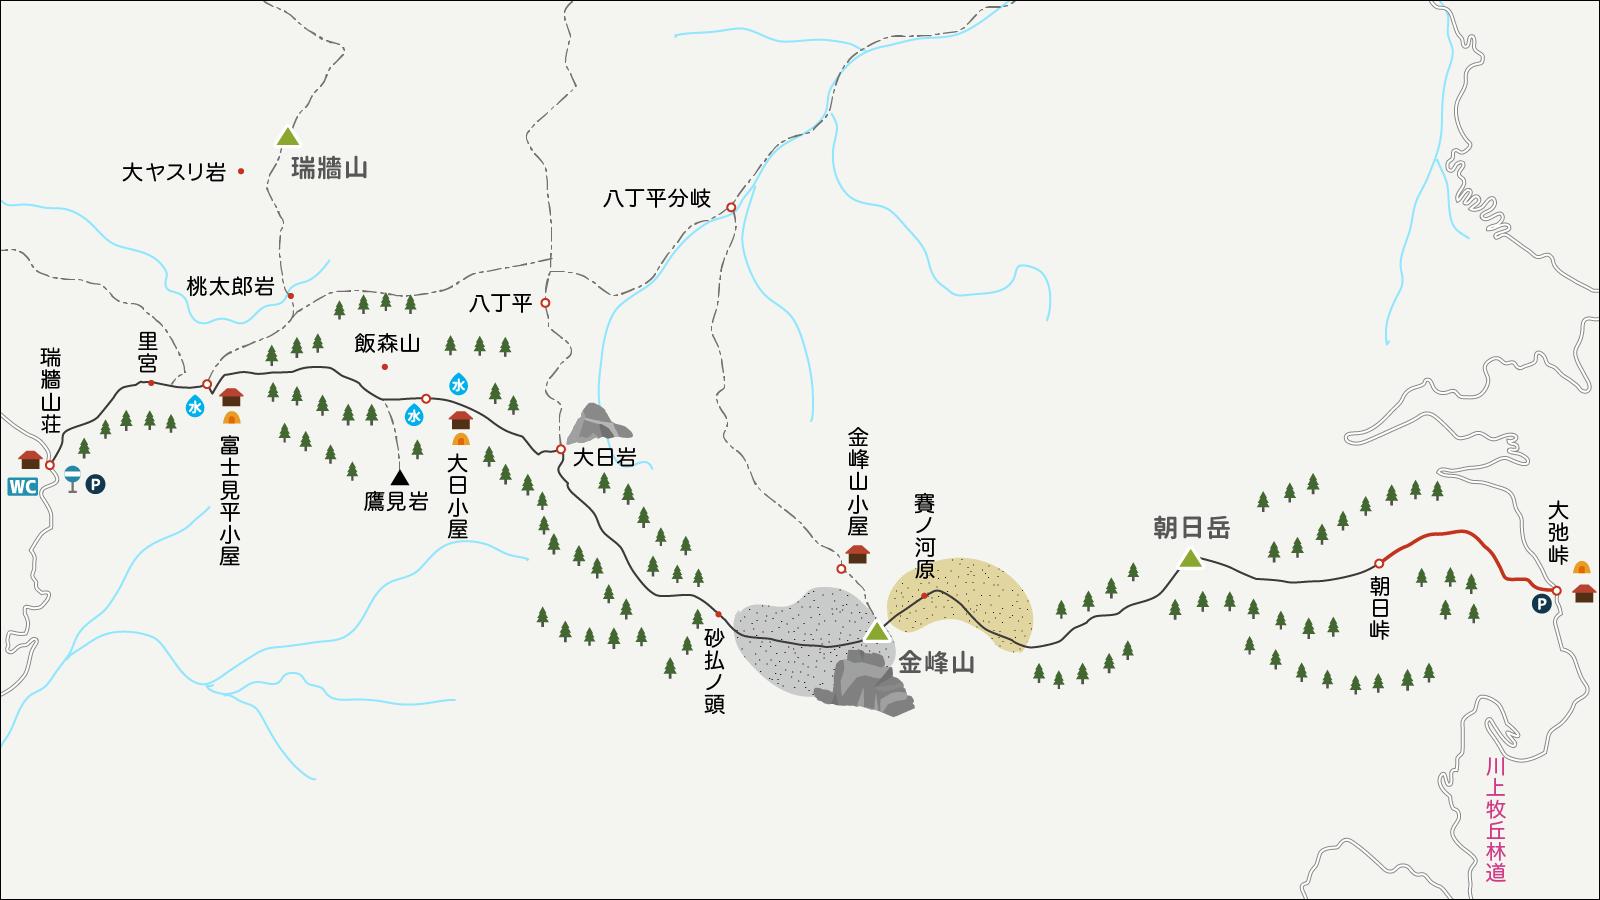 朝日峠から大弛峠へのイラストマップ